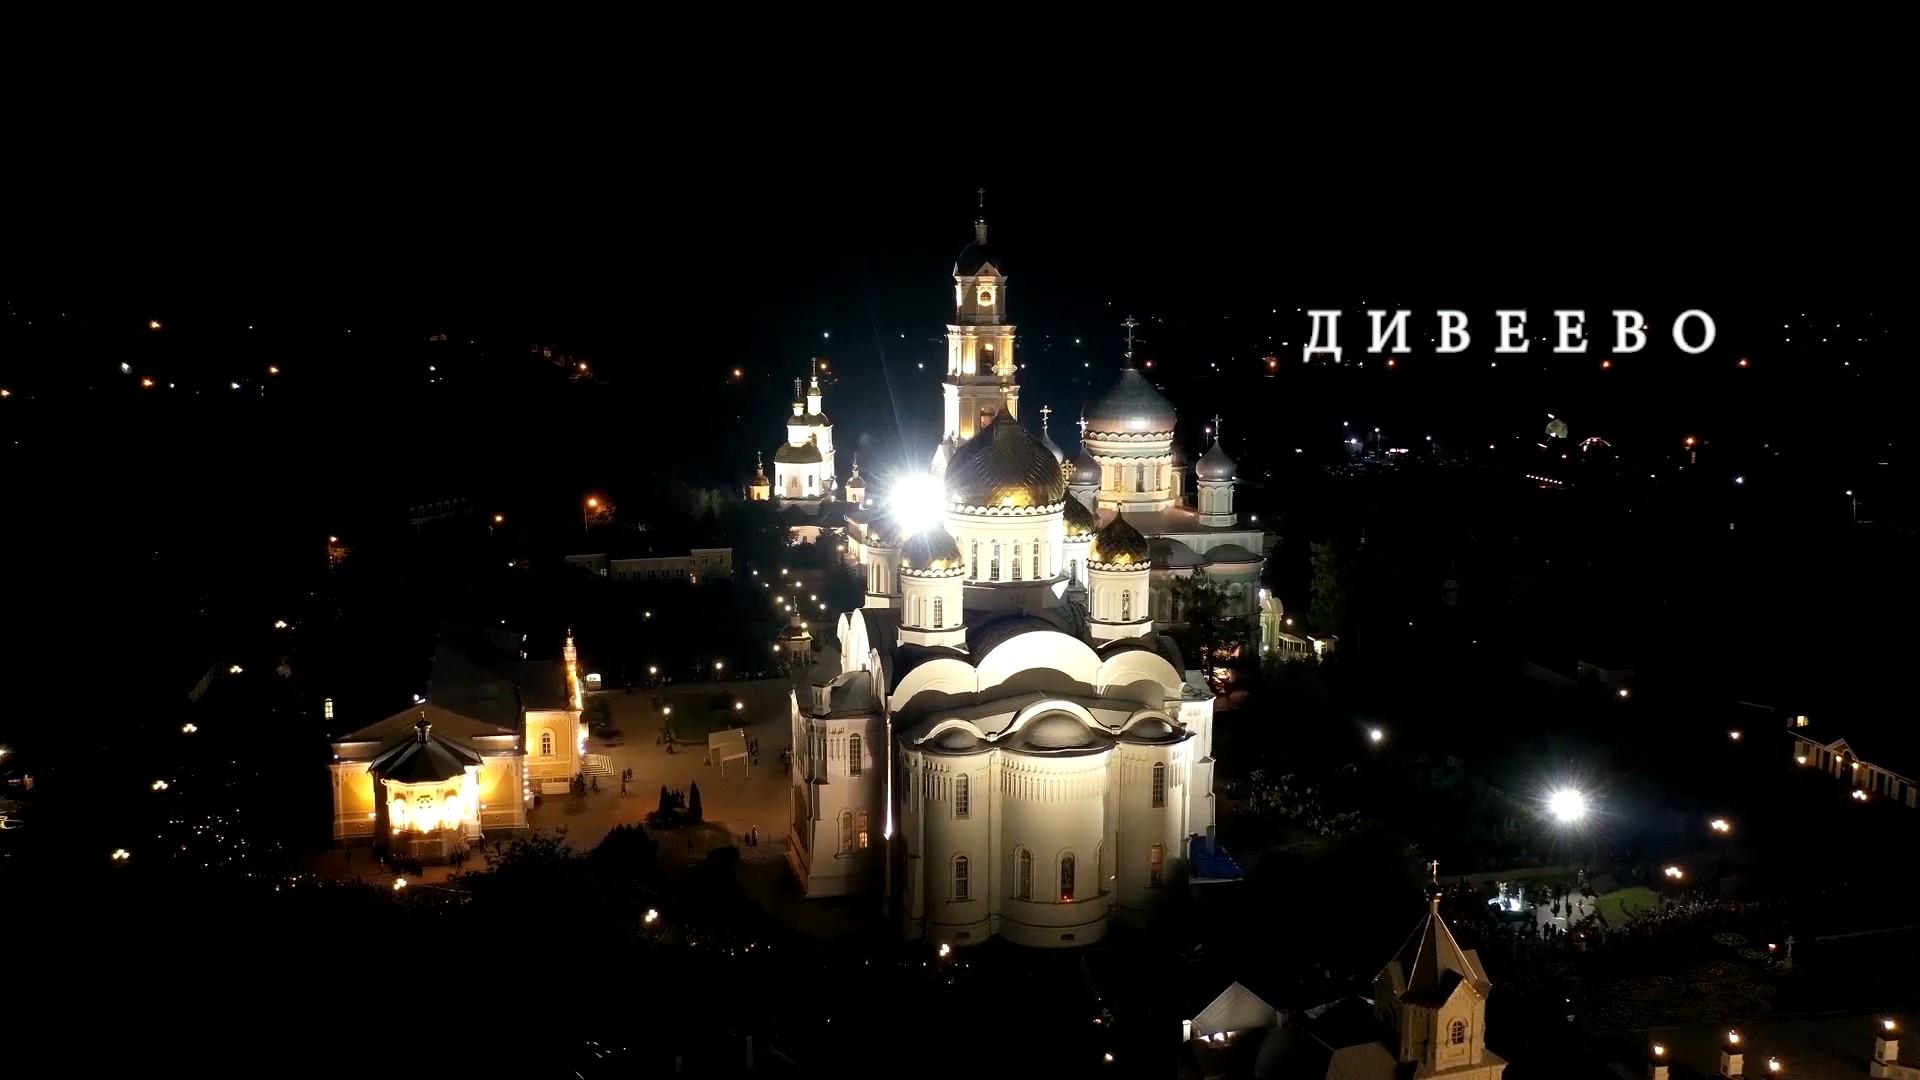 Видеоролики о Дивееве и Арзамасе прошли в окружной финал конкурса «Диво России»